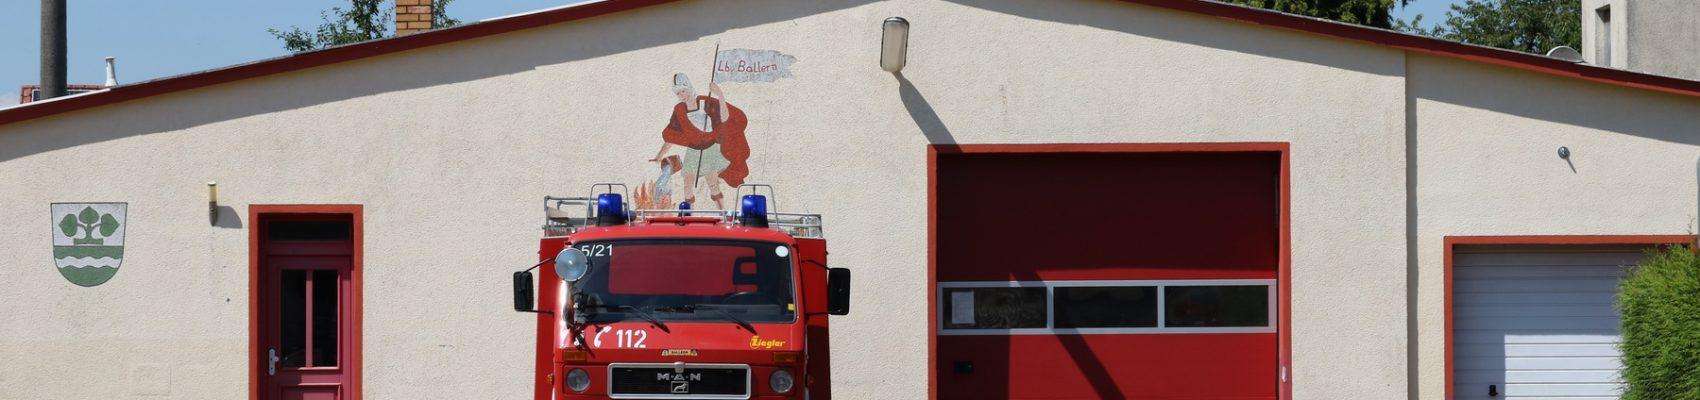 Feuerwehr Gerätehaus Ballern